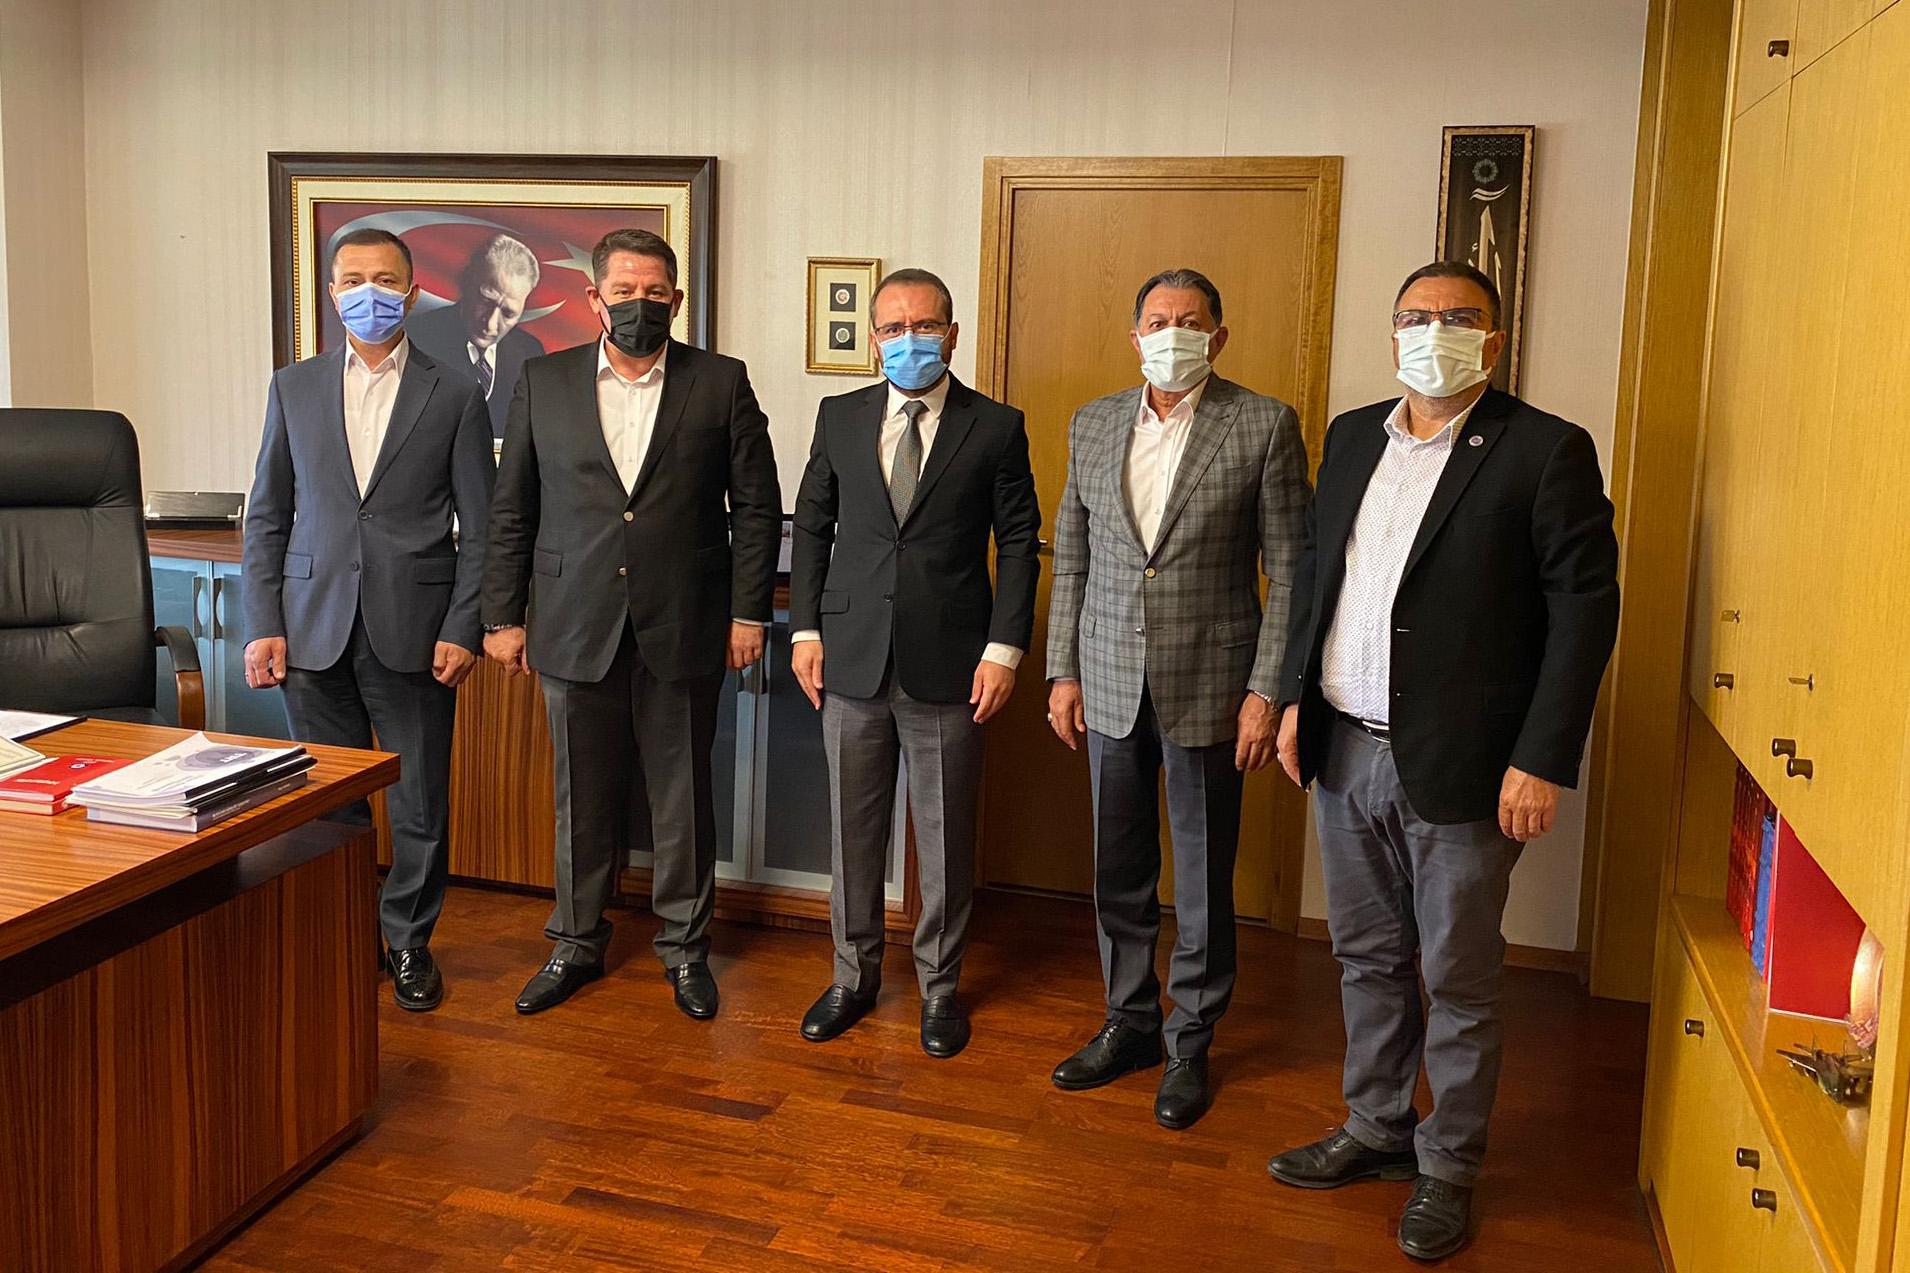 Birlik Haber-Sen Heyetinden TRT Genel Müdür Yardımcısı Urgun'a Ziyaret